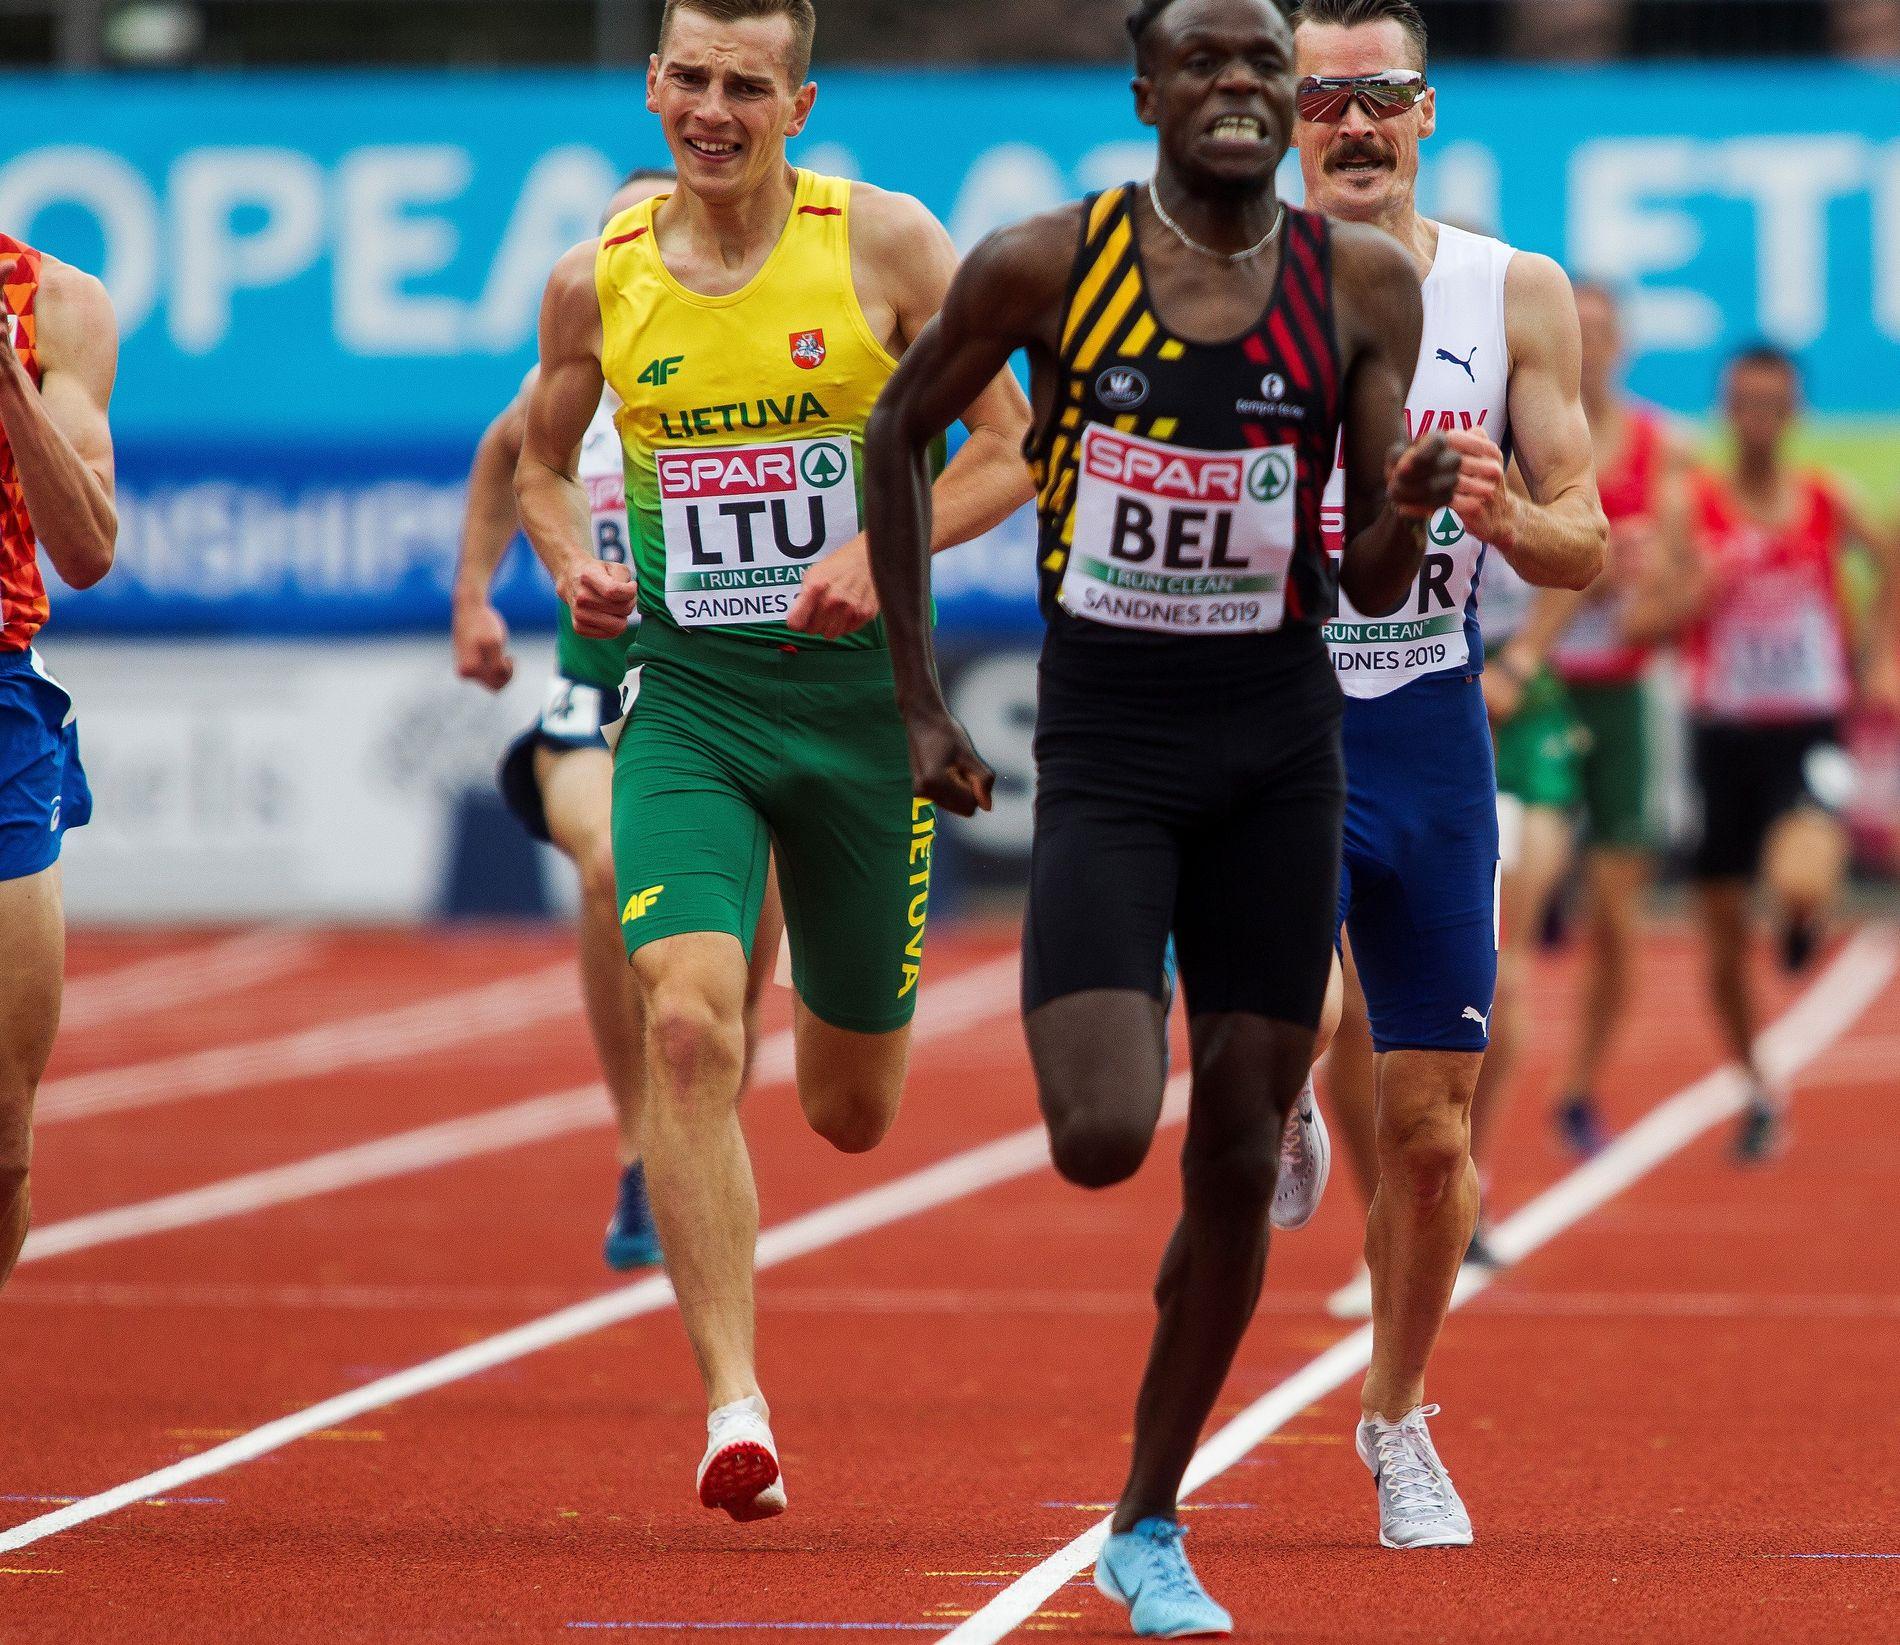 HOLDT IKKE INN: Henrik Ingebrigtsen måtte se belgiske Isaac Kimeli foran seg over målstreken på 3000-meteren i lag-EM i Sandnes søndag.